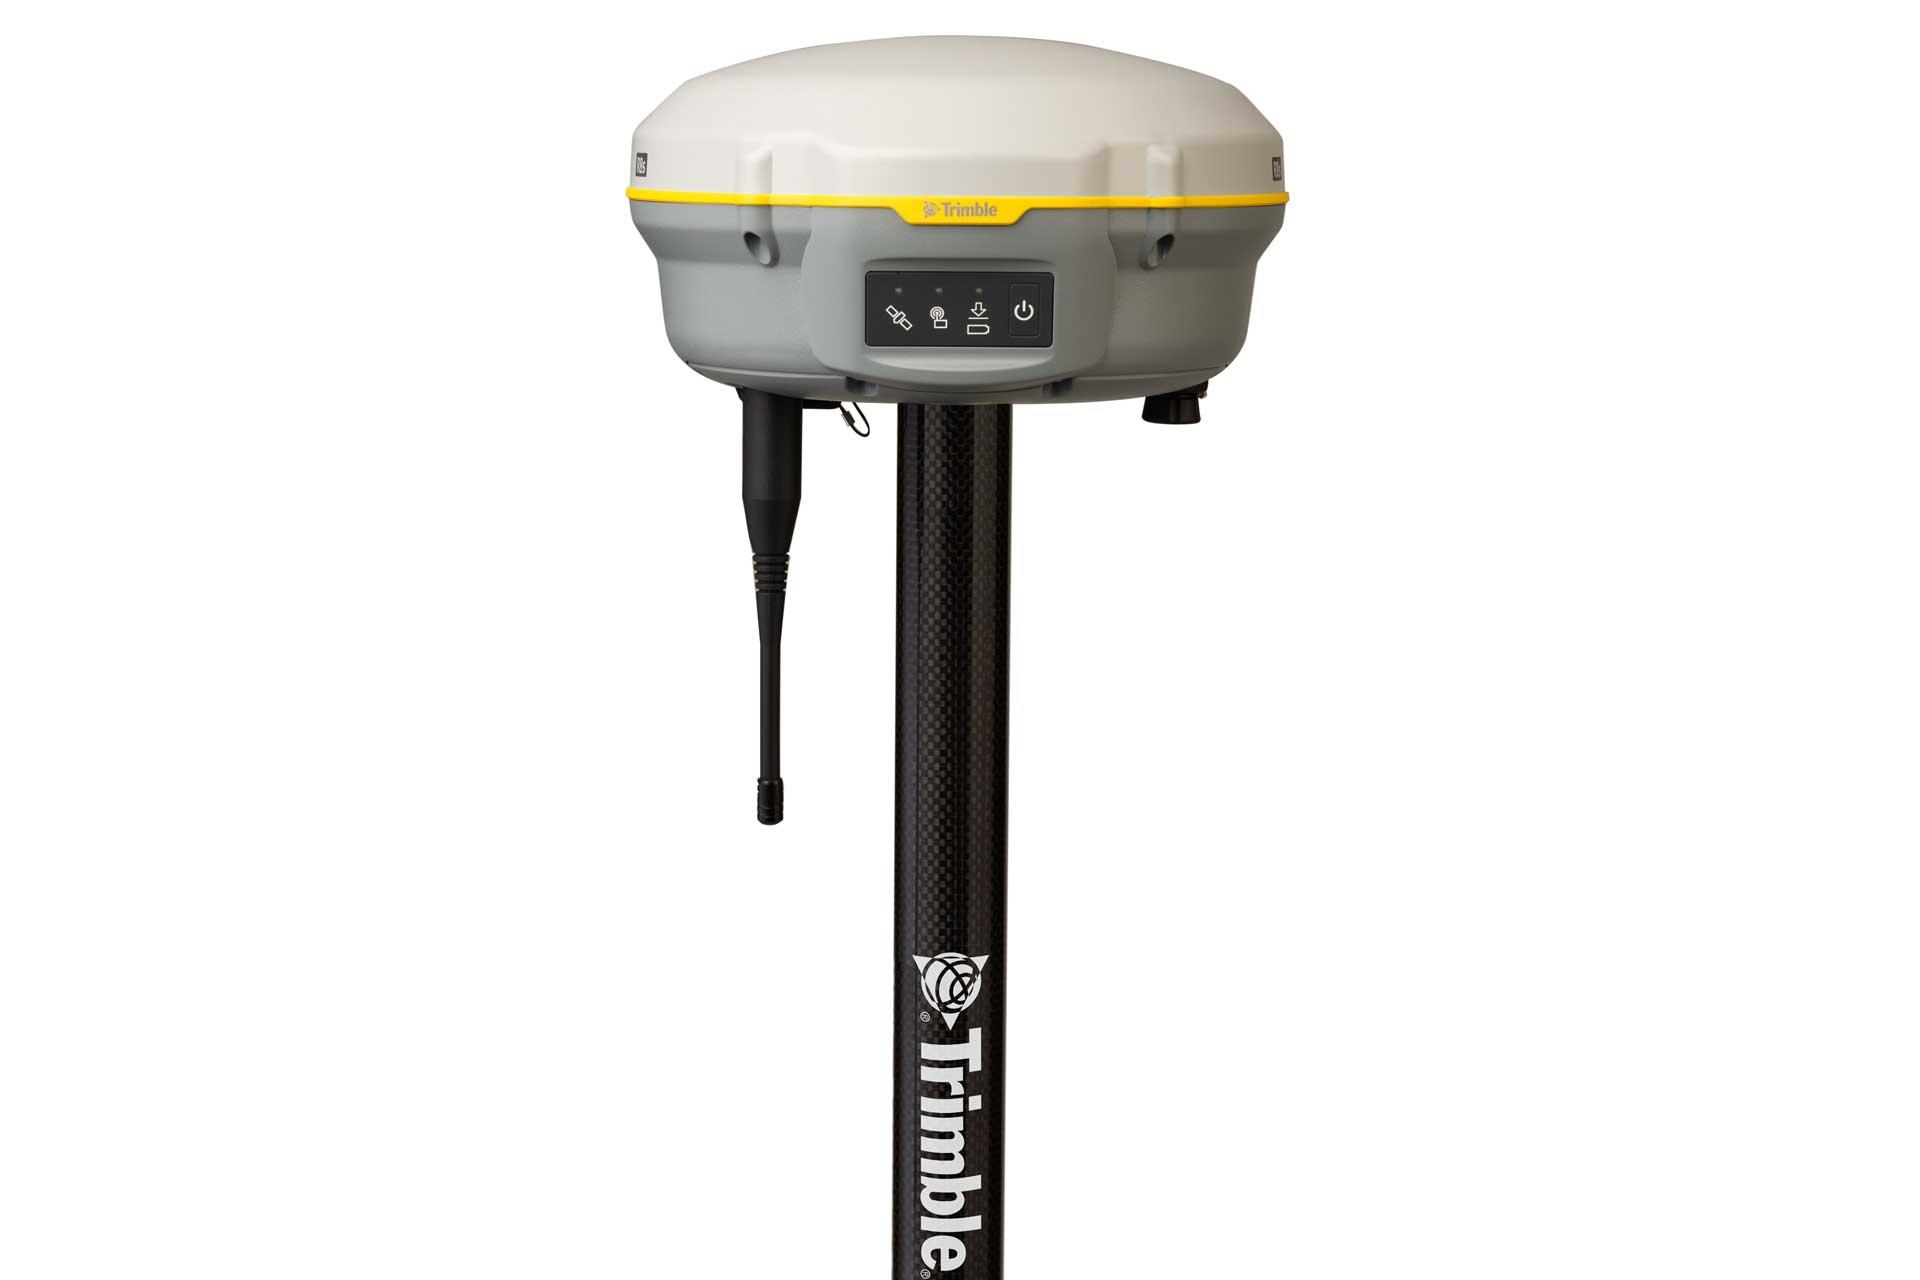 Trimble GNSS Systeme R8